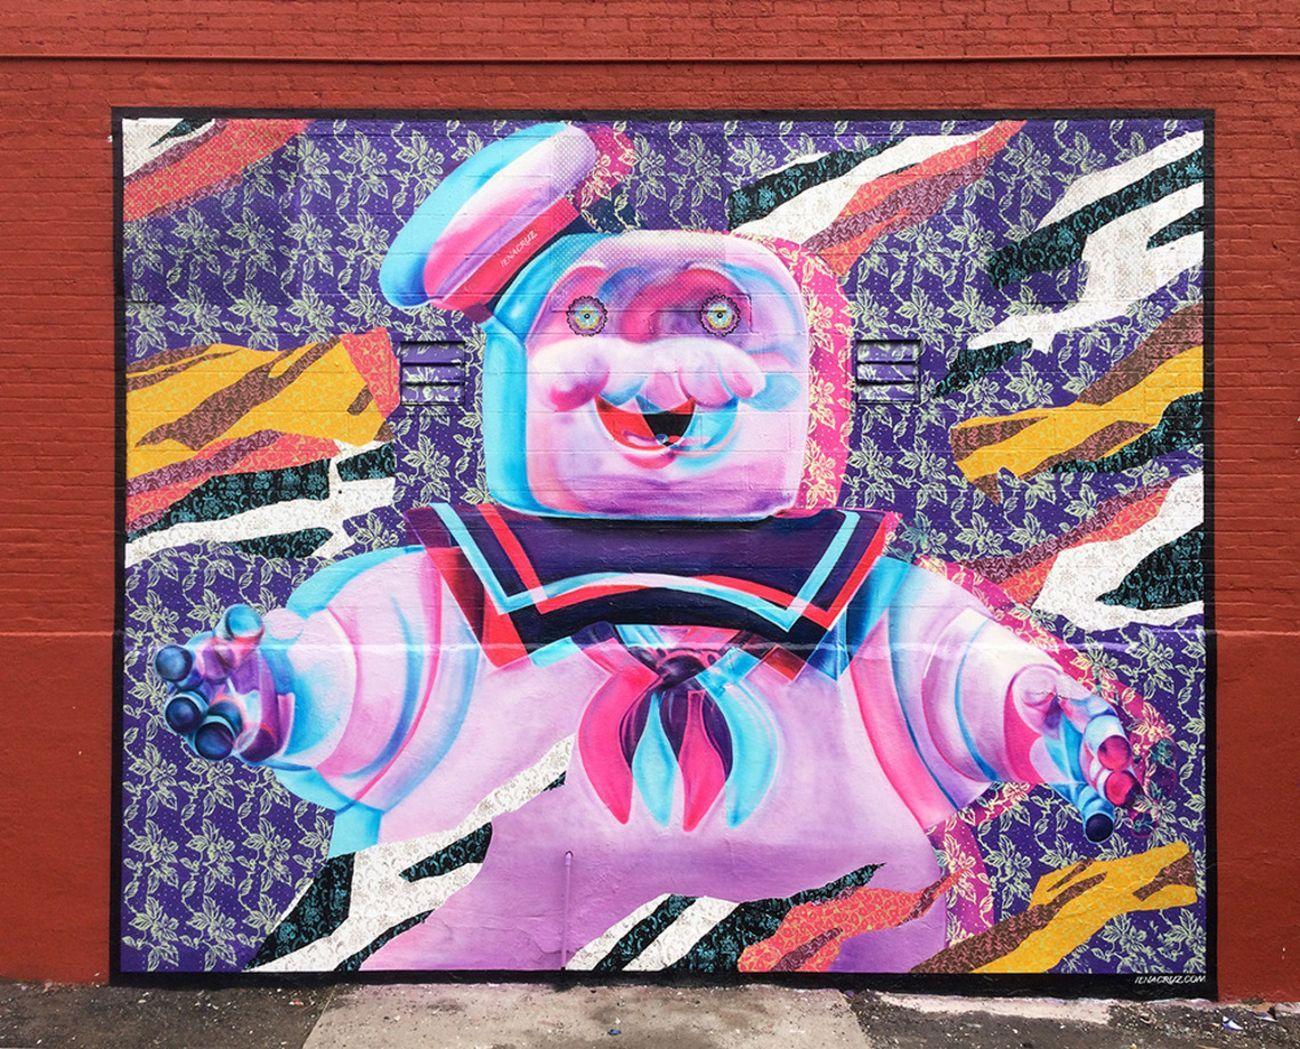 Iena Cruz, Marshmallow Man 3D, New York, 2017. L'opera è stata coperta da una cabina di metallo, ma è ancora parzialmente visibile. Photo courtesy of the artist